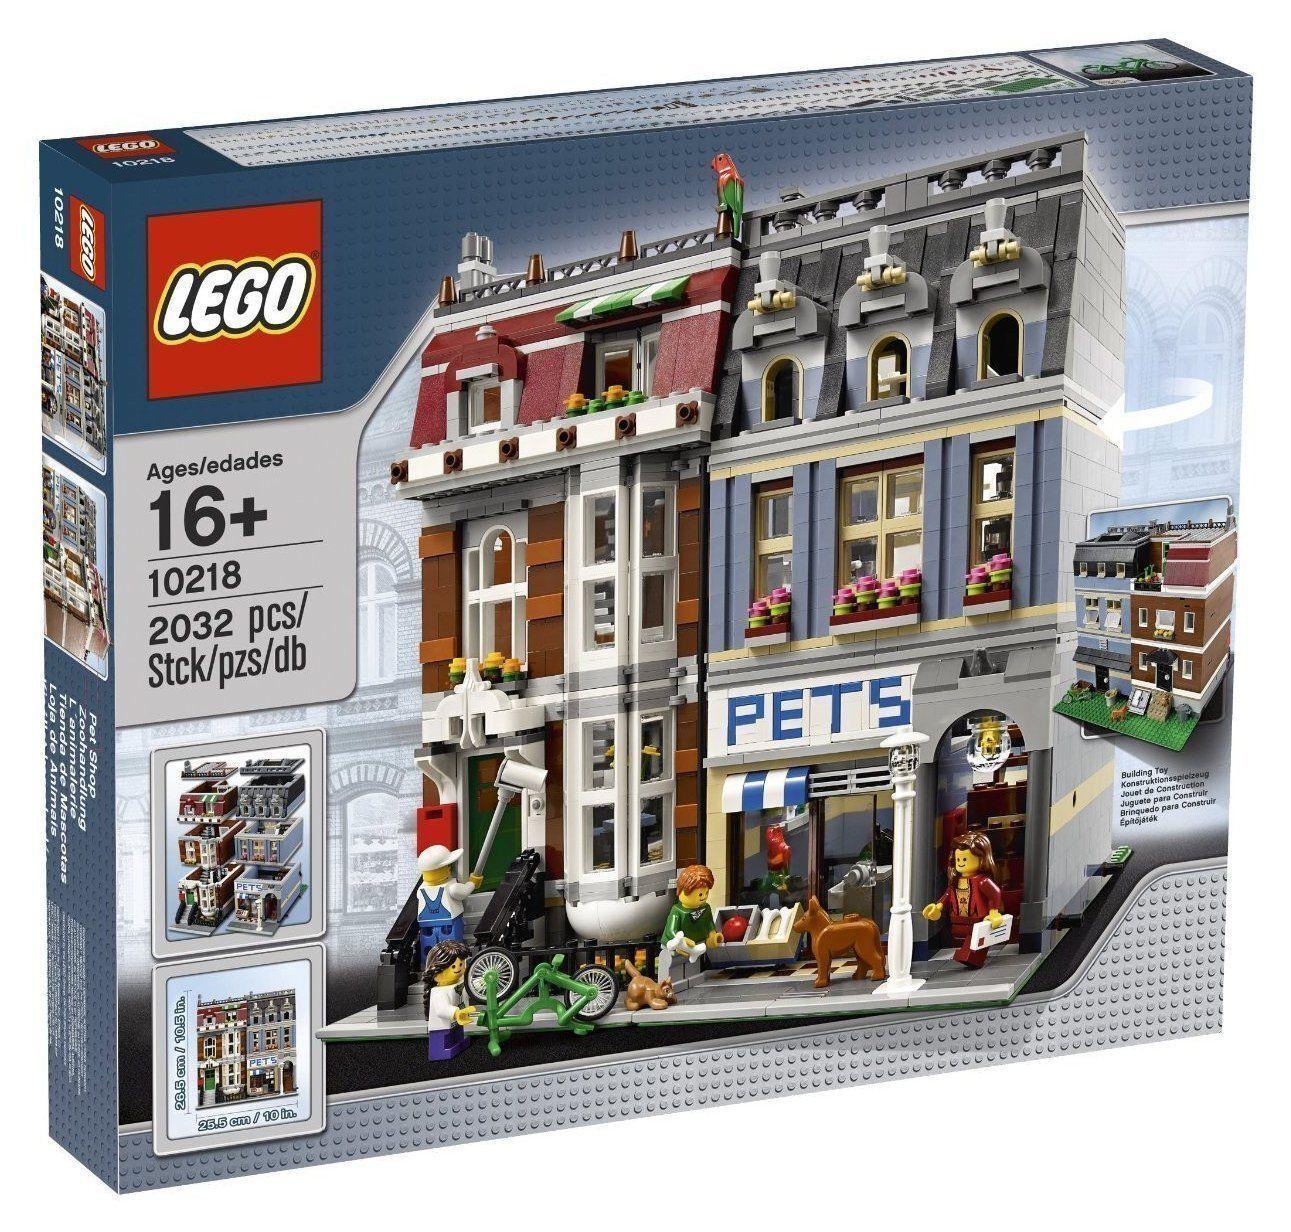 LEGO Zoohandlung (10218) NEW SEALED